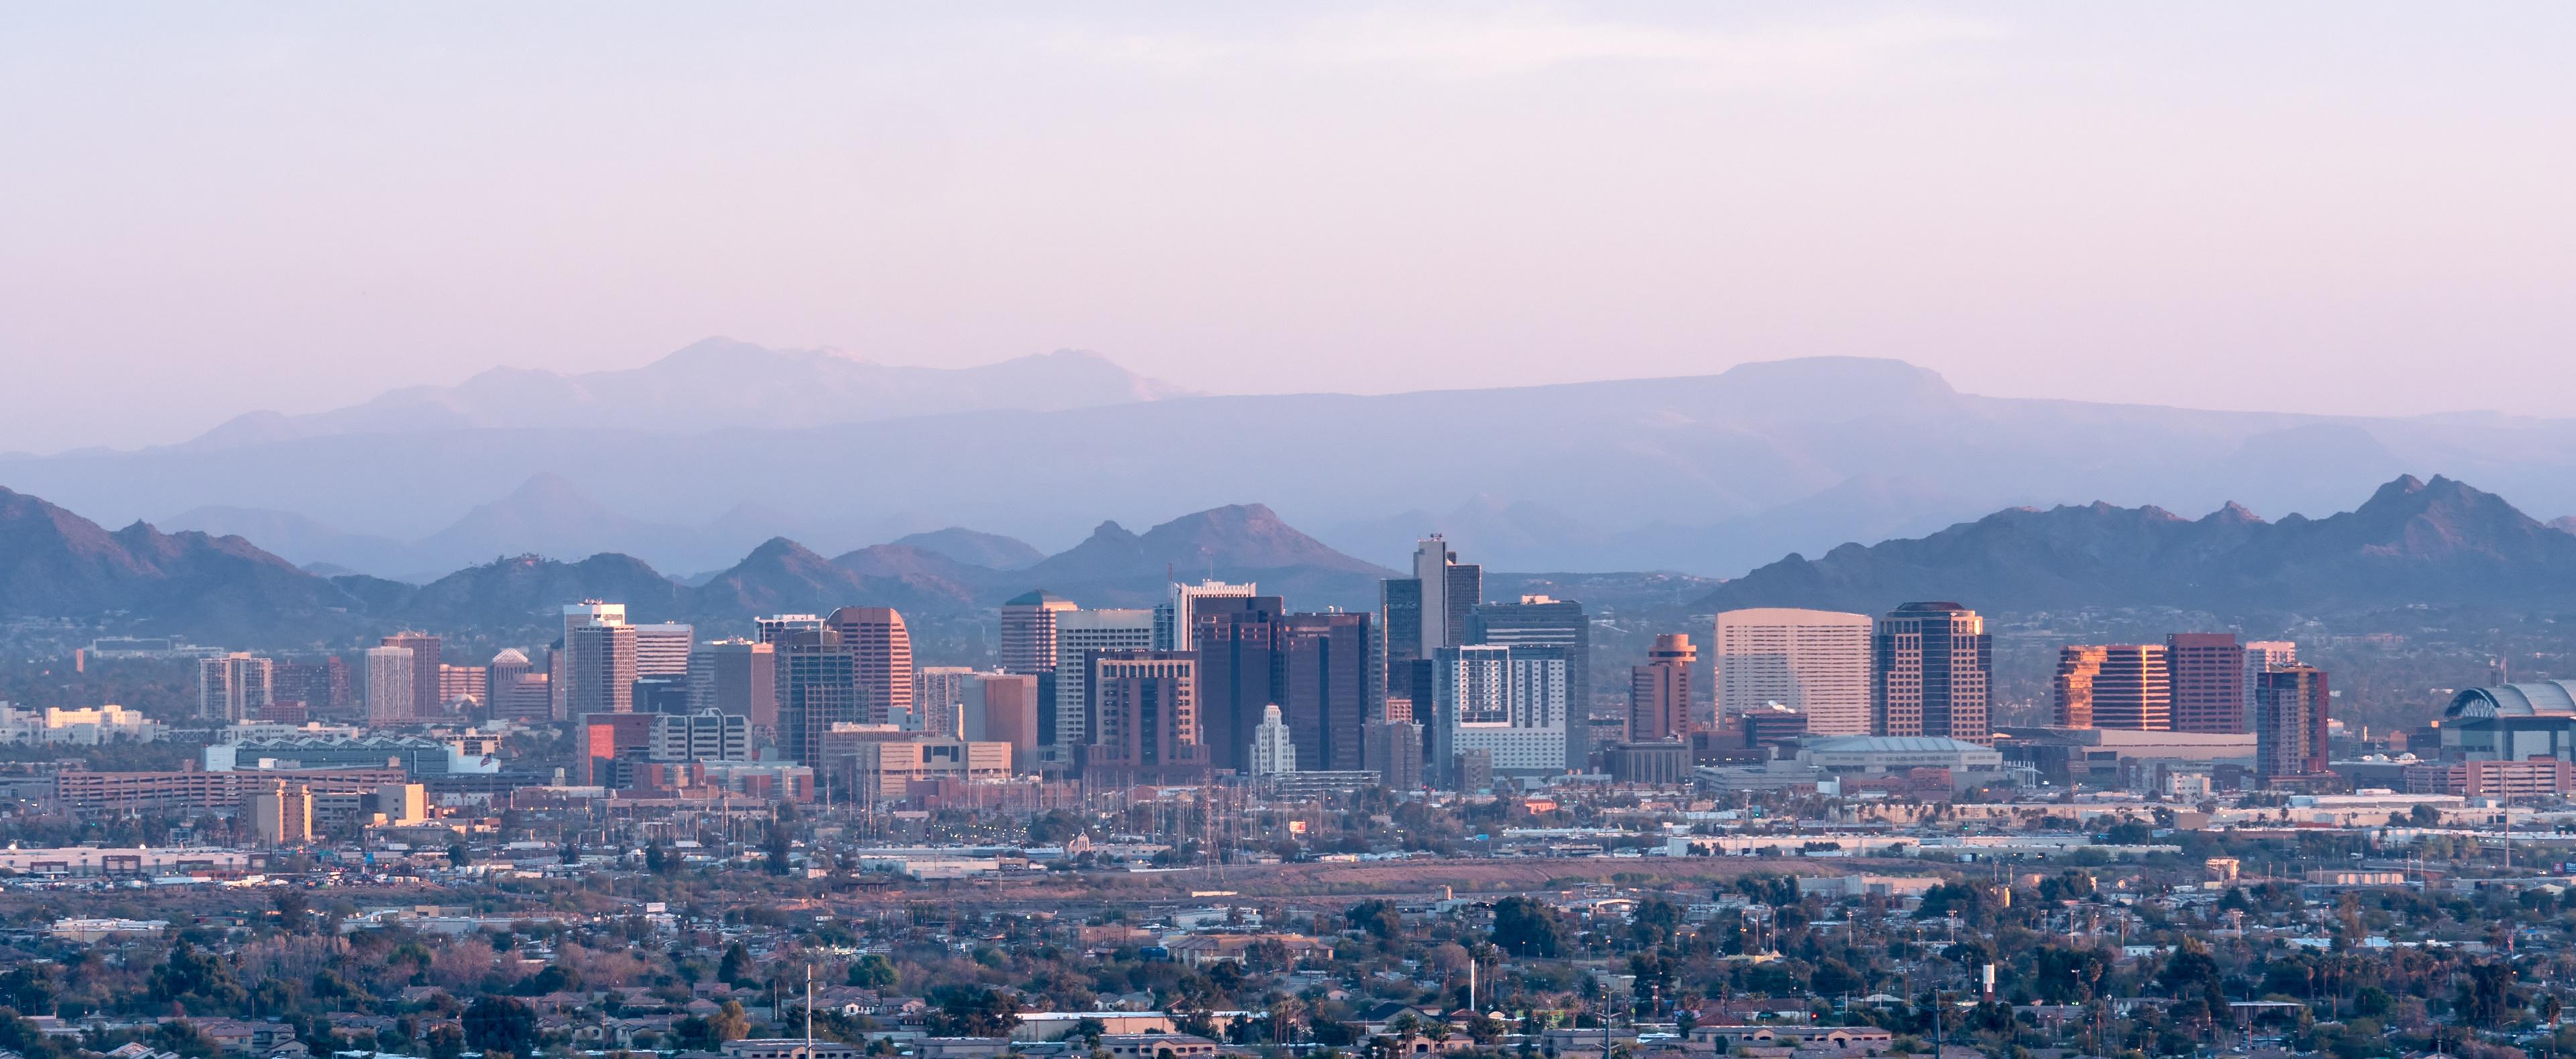 Home Page - Phoenix AZ Building Conference